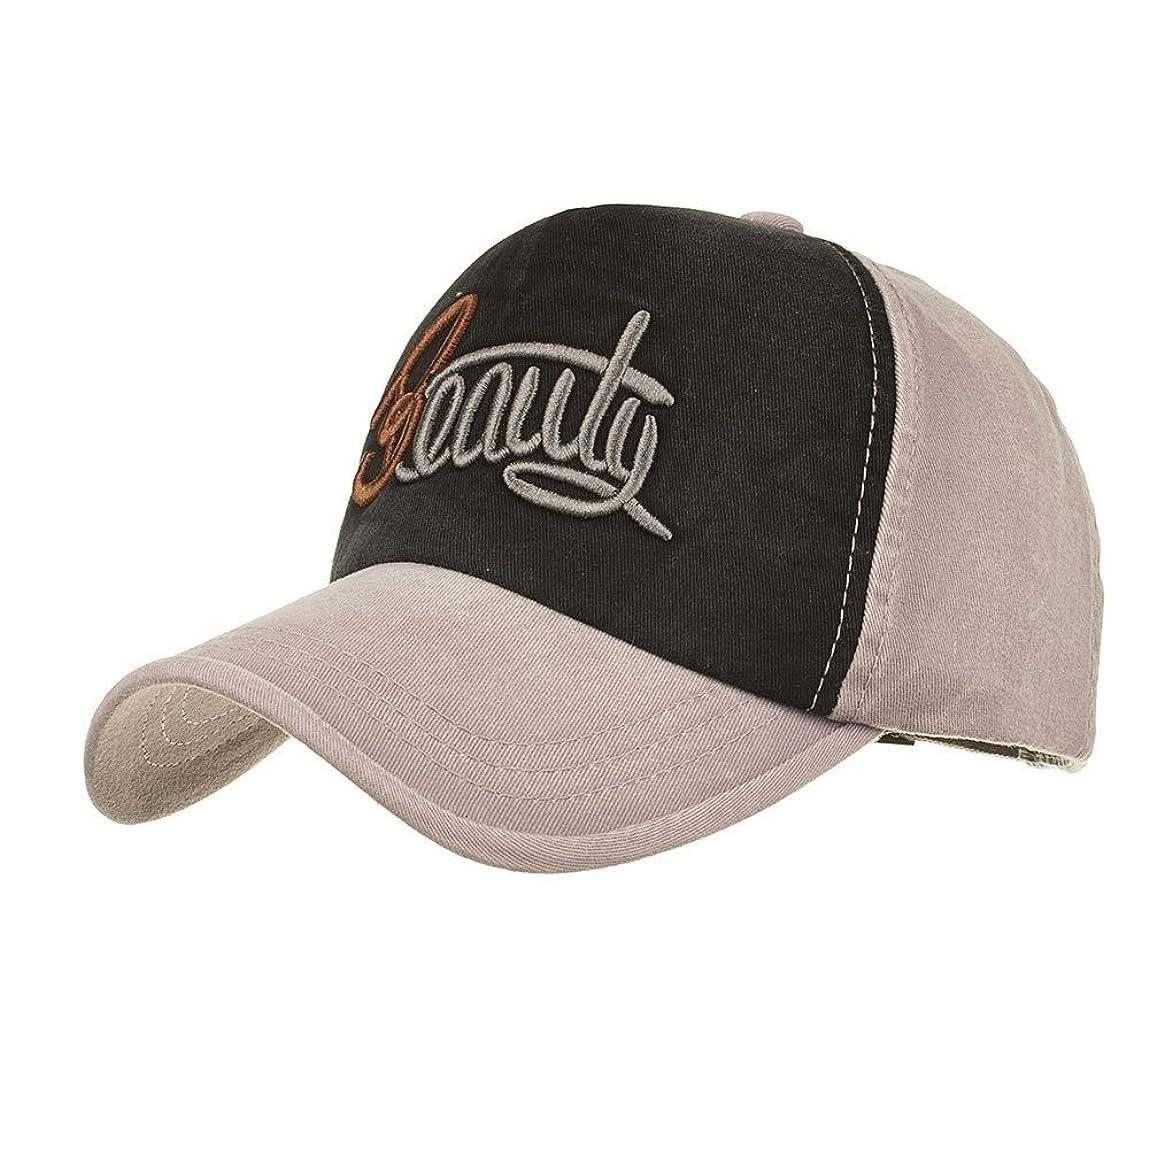 困惑する開発するジャンプRacazing Cap パッチワーク刺繍 ヒップホップ 野球帽 通気性のある 帽子 夏 登山 可調整可能 棒球帽 UV 帽子 軽量 屋外 Unisex Hat (グレー)